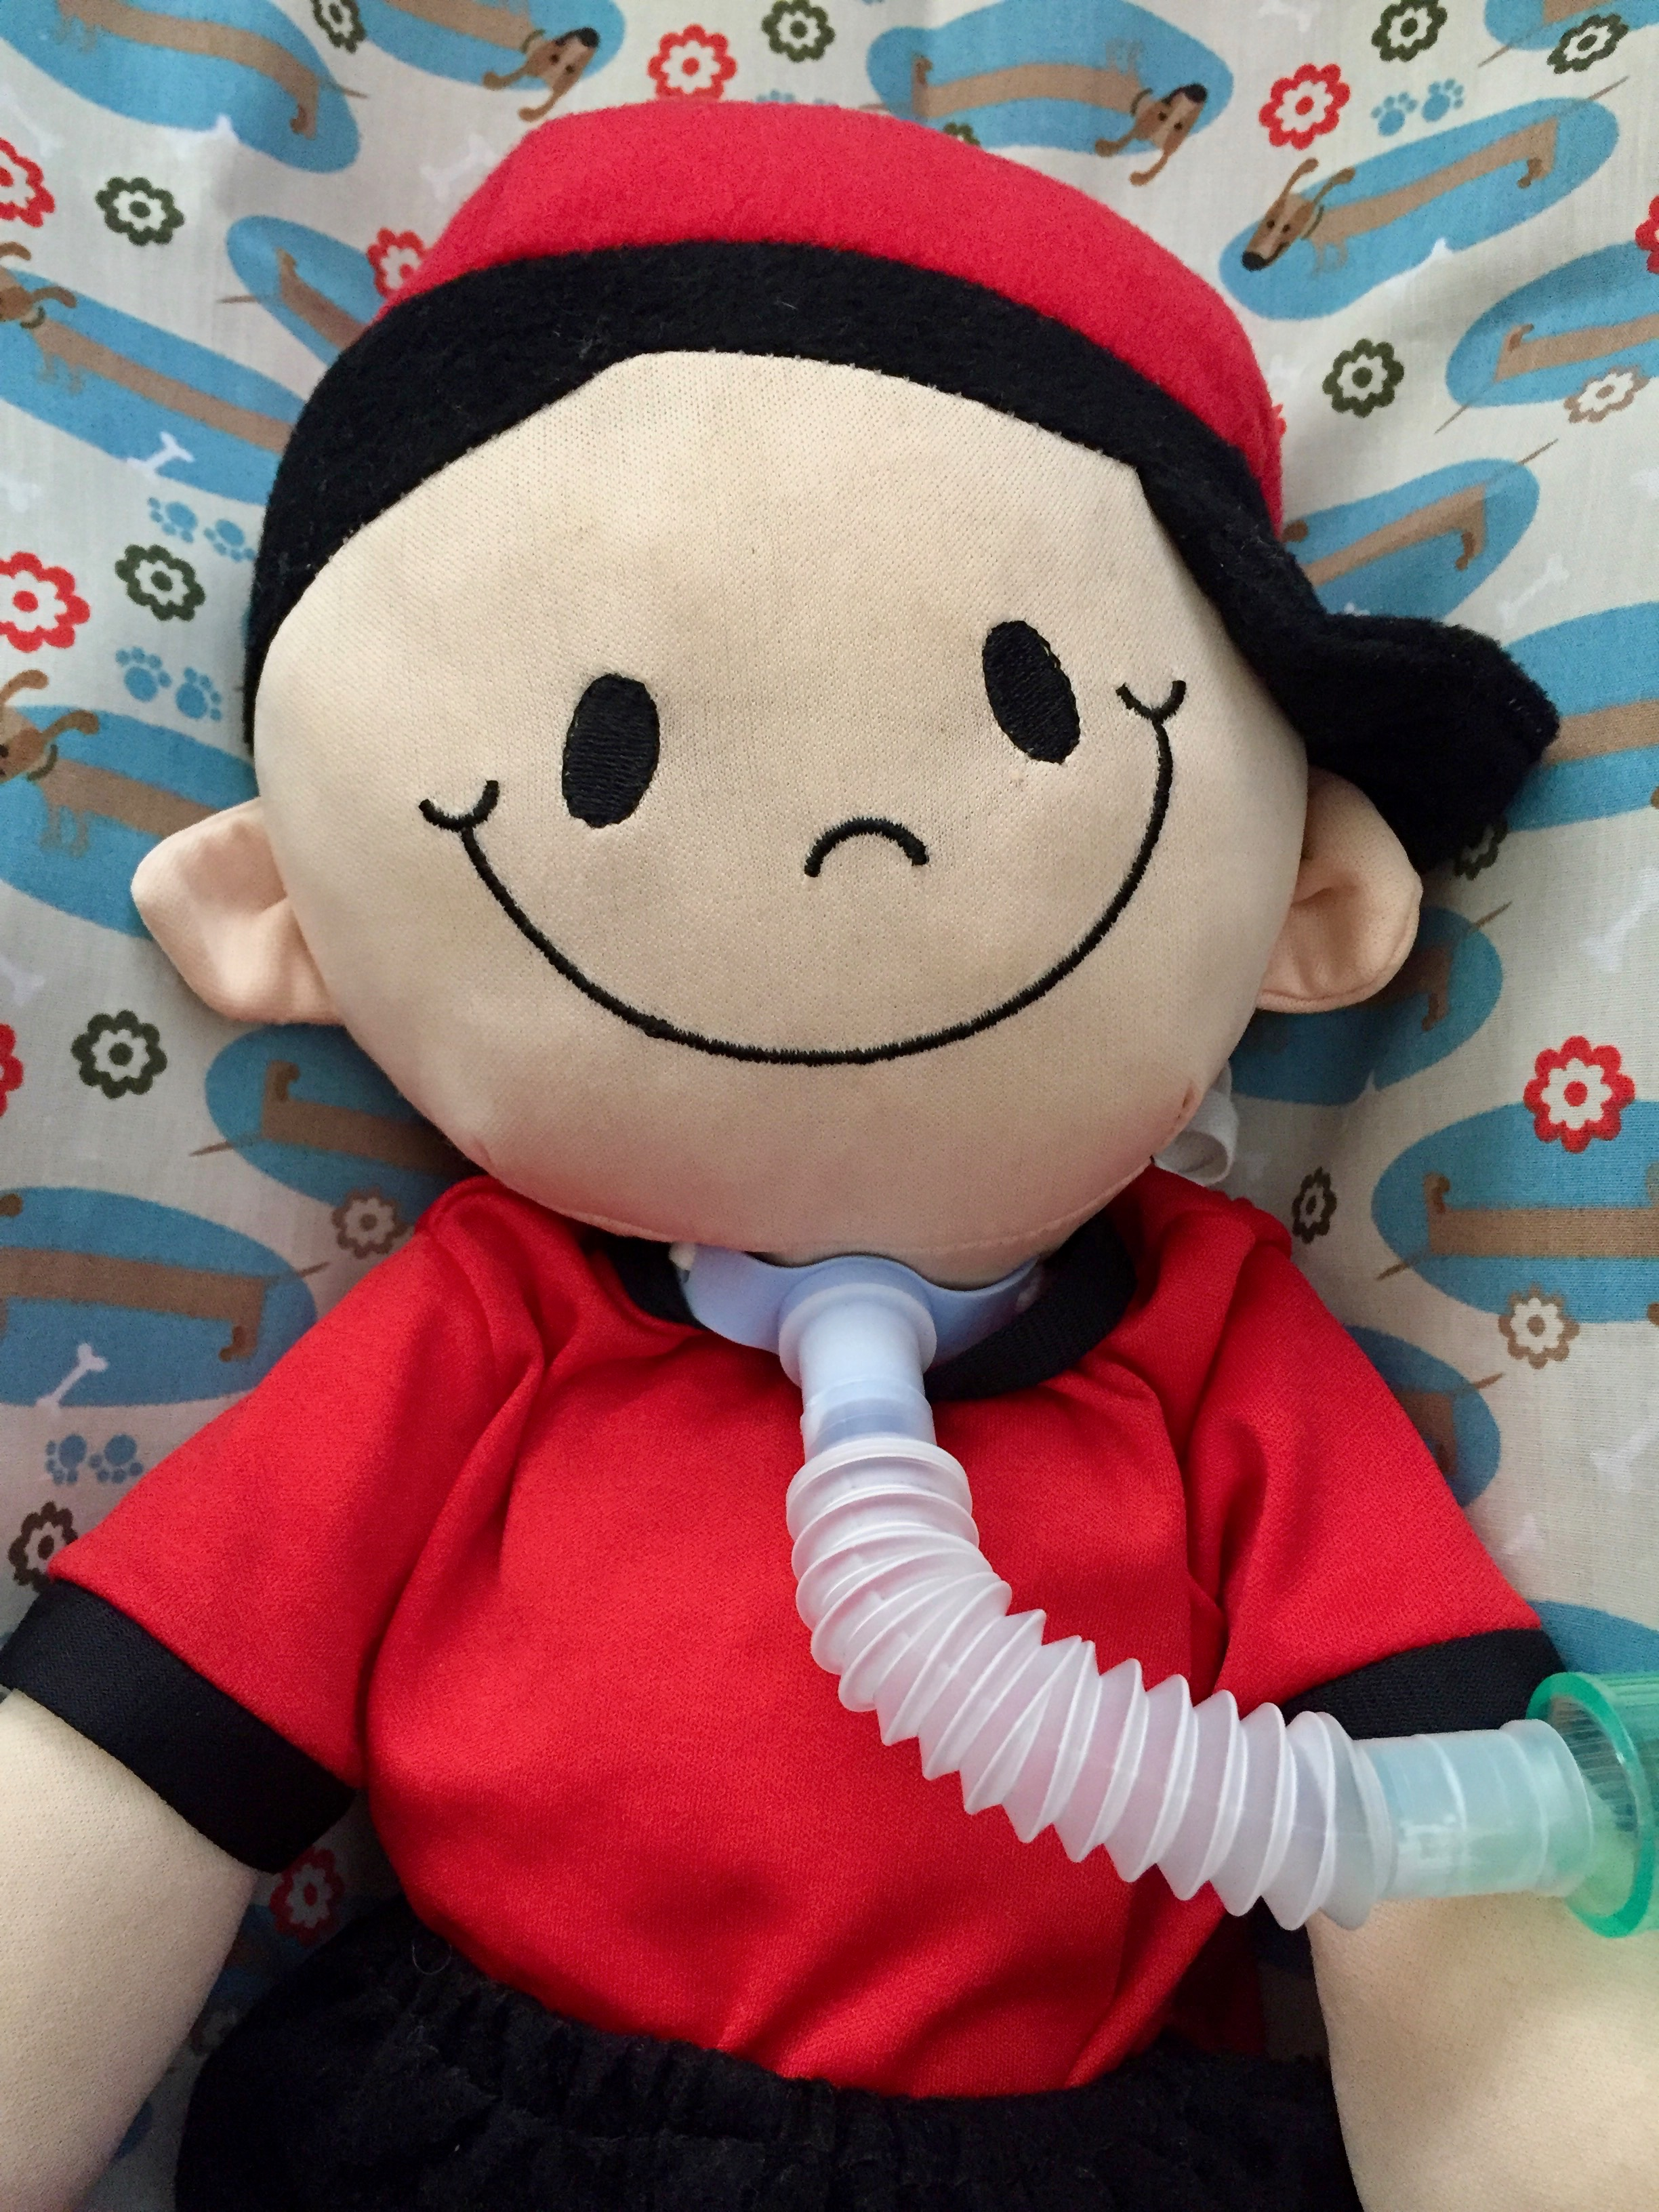 fonoaudióloga bonecos crianças